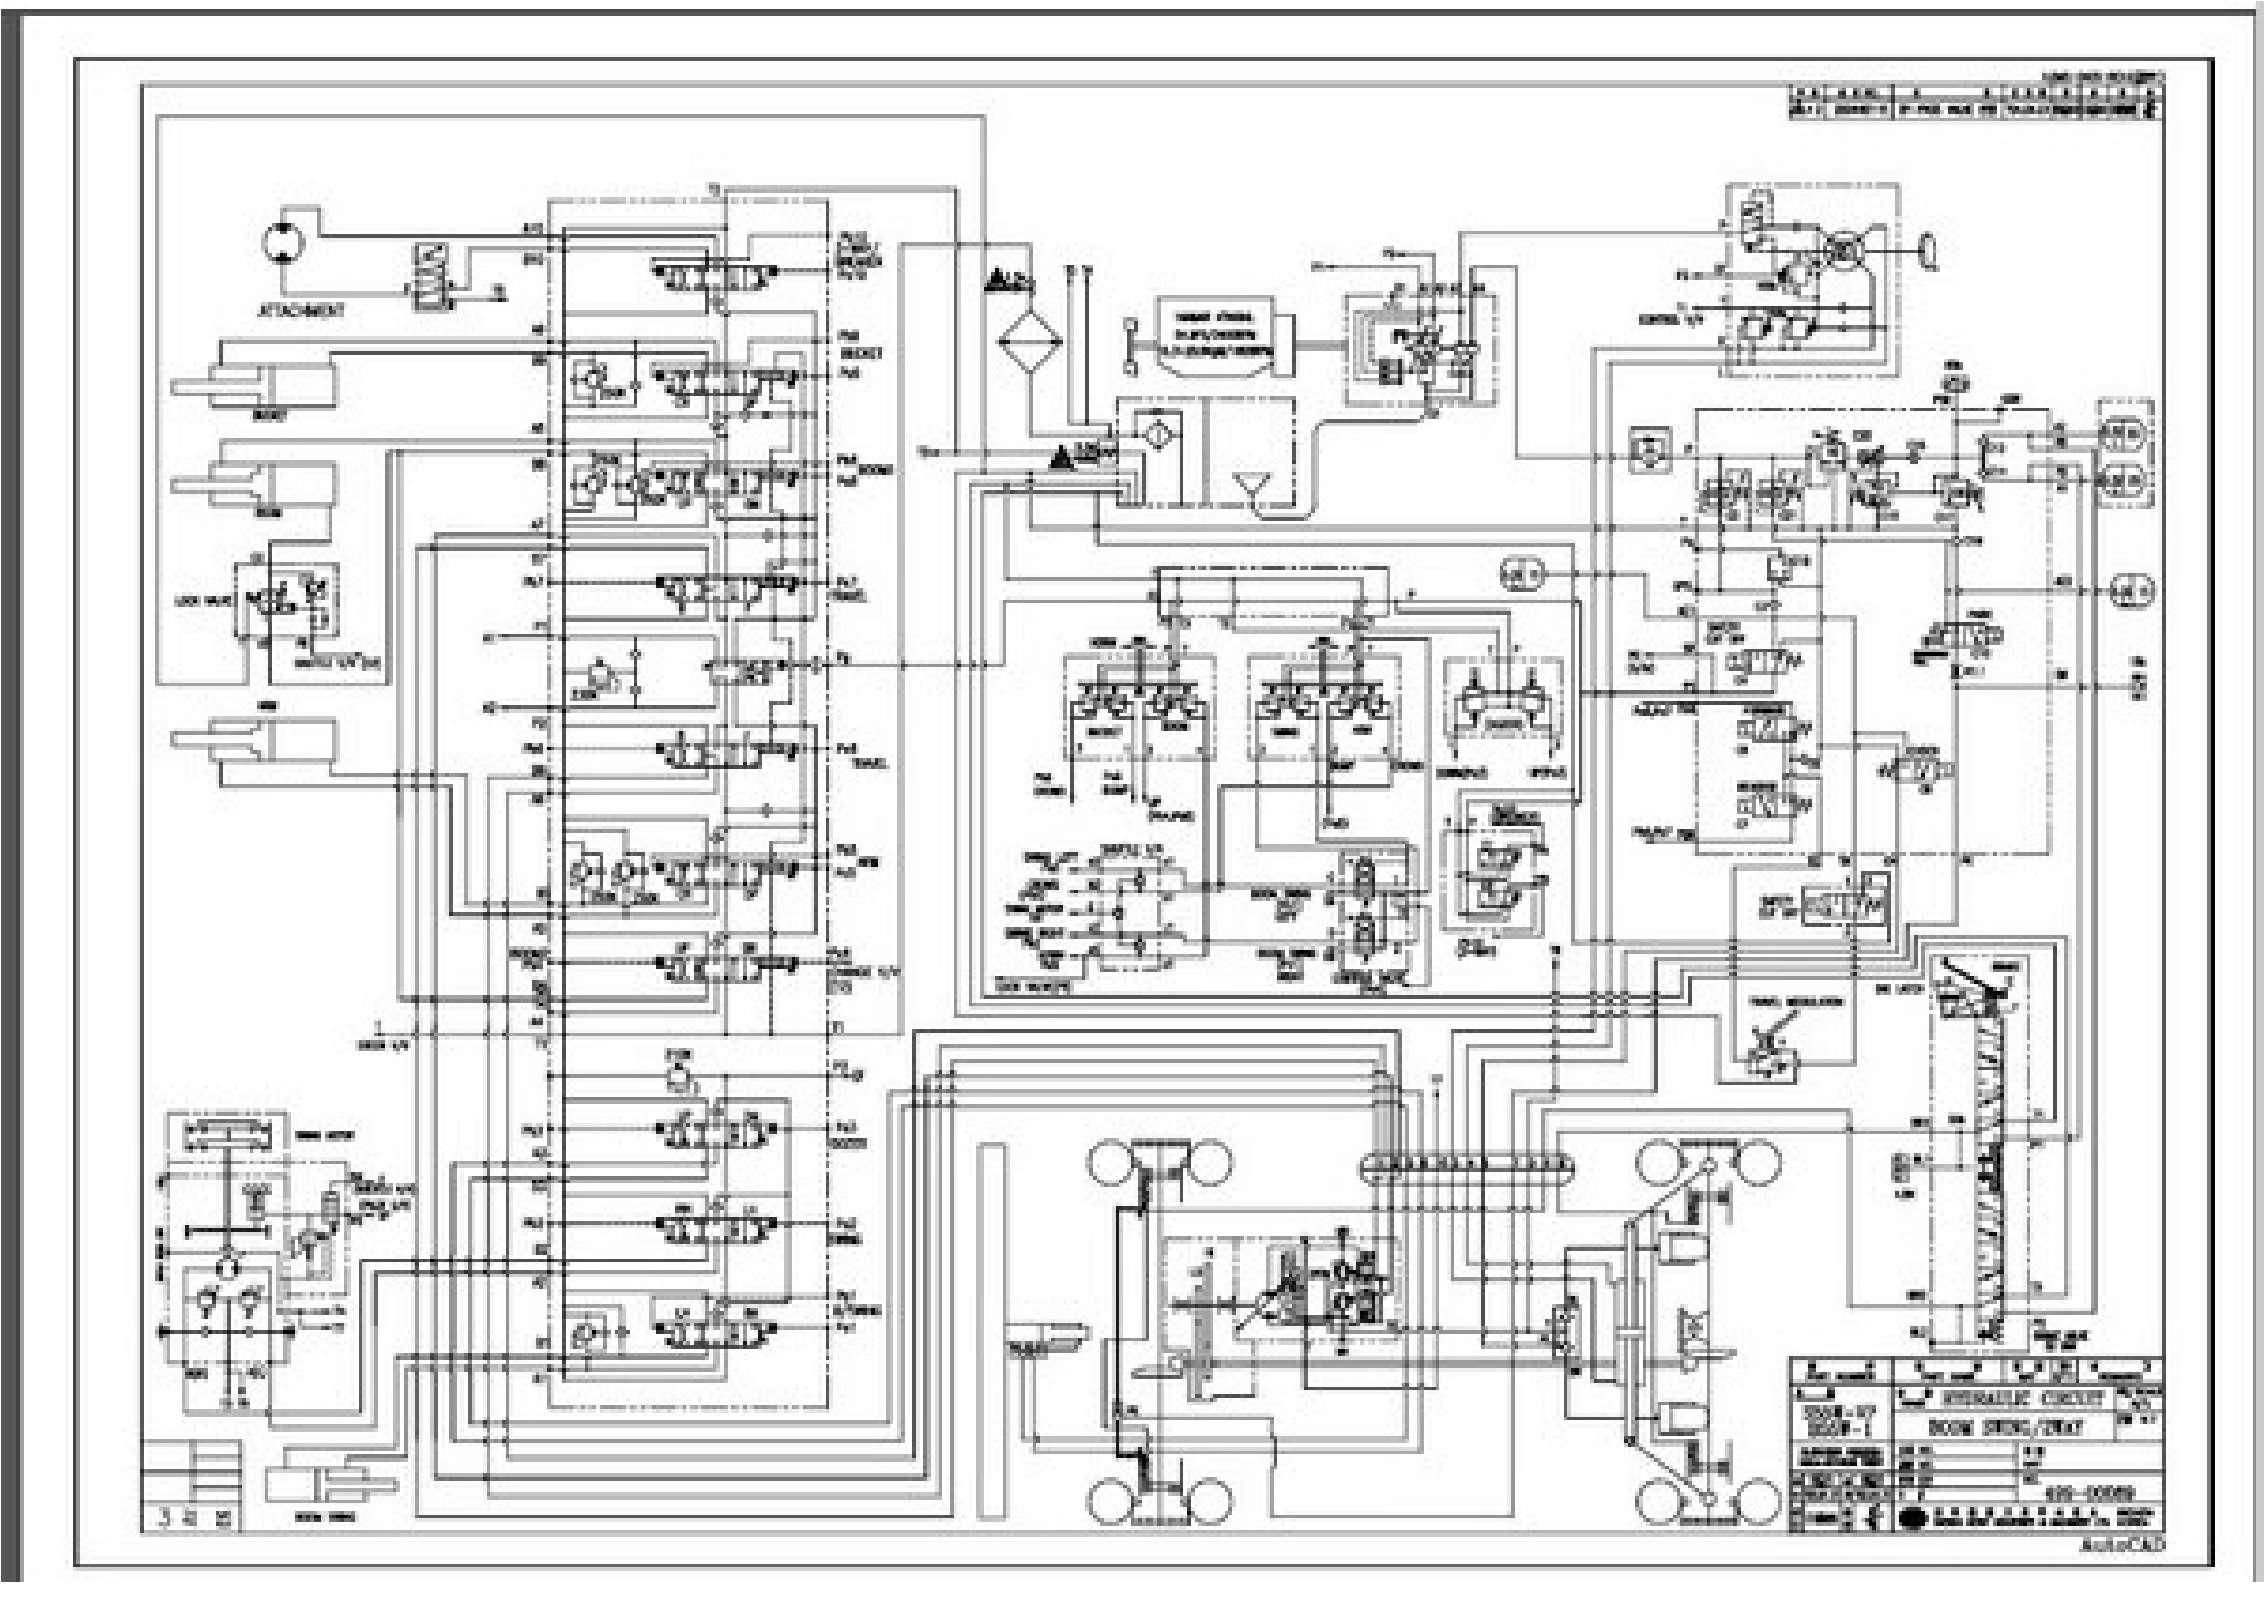 Doosan Wirings Diagrams - wheel loaders, excavators SS-01